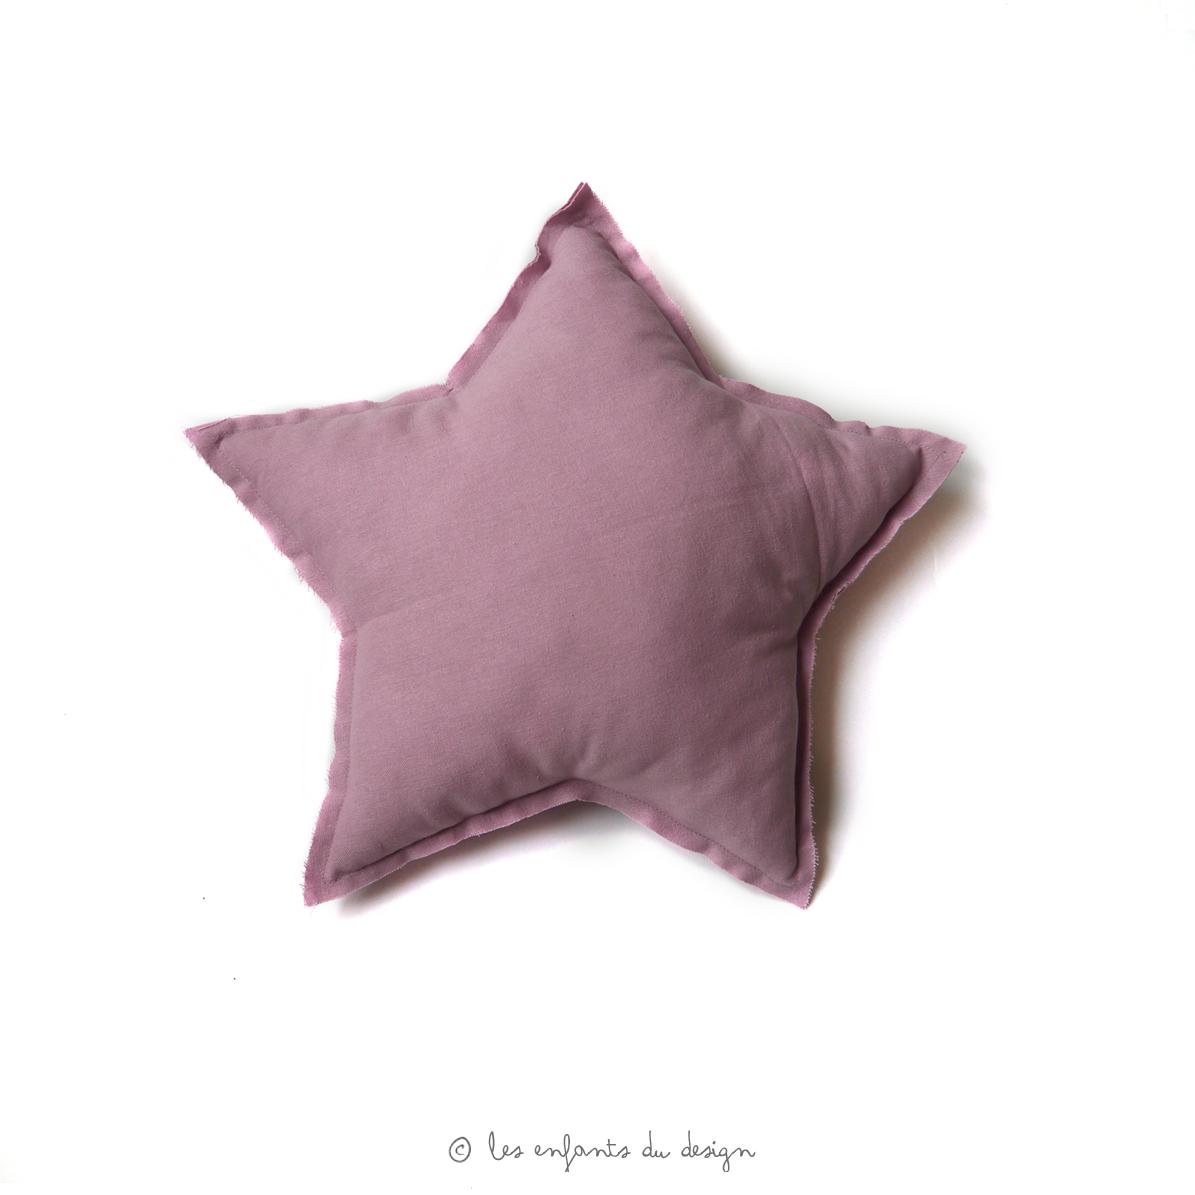 petit coussin etoile vieux rose num ro 74 pour chambre enfant les enfants du design. Black Bedroom Furniture Sets. Home Design Ideas